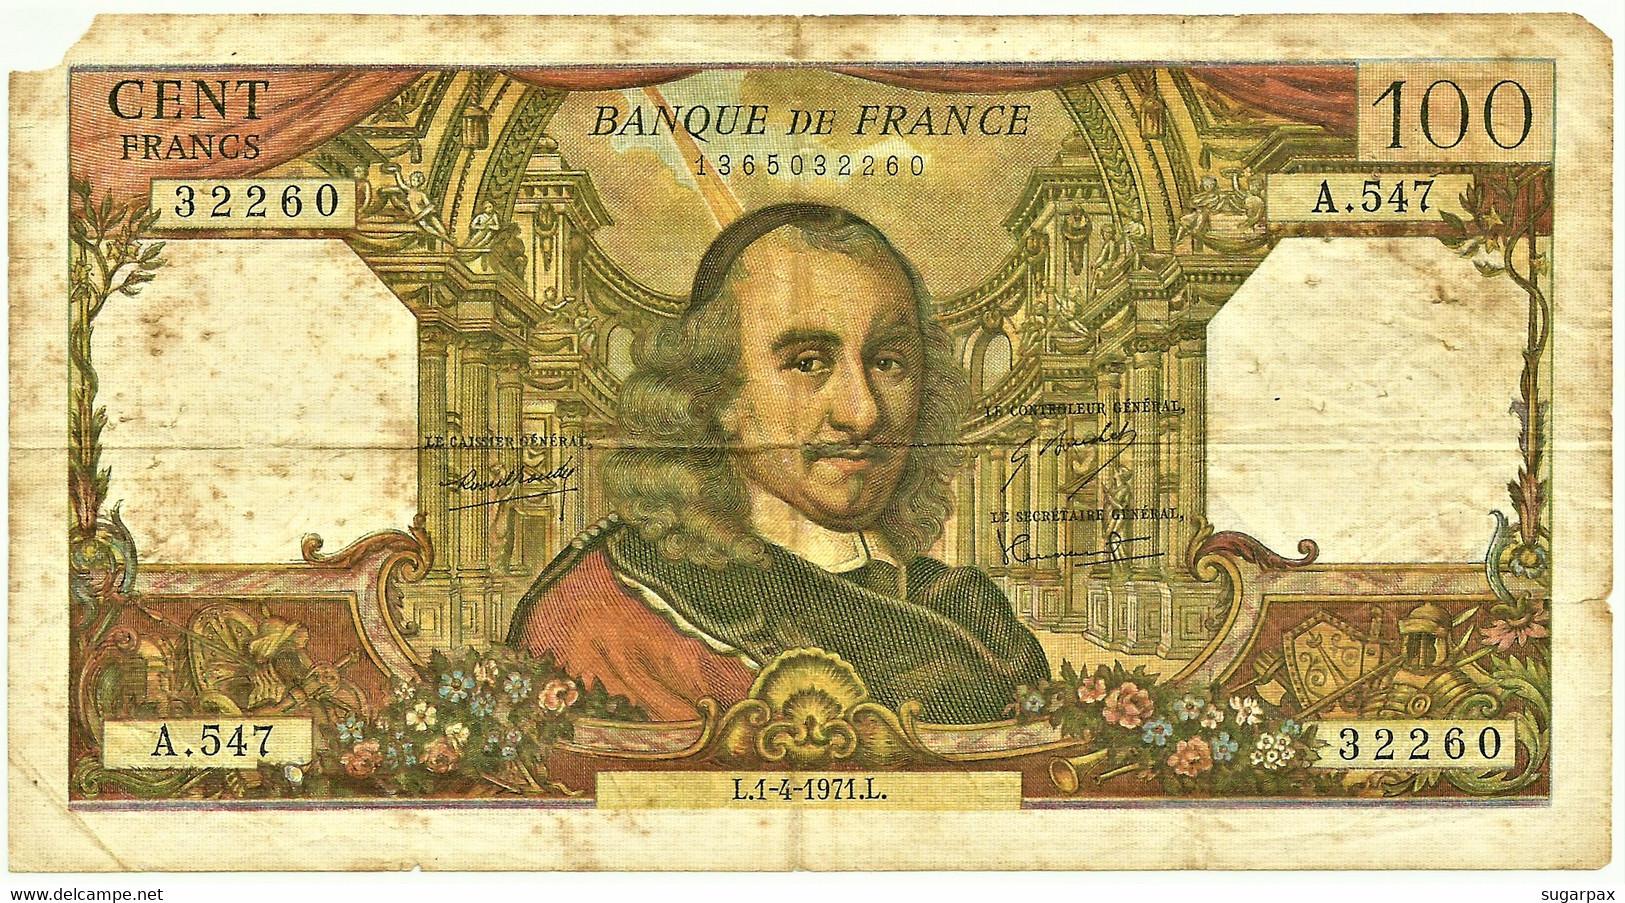 FRANCE - 100 Francs - 1.4.1971 - P 149.c - Serie A.547 - Pierre Corneille - 100 F 1964-1979 ''Corneille''